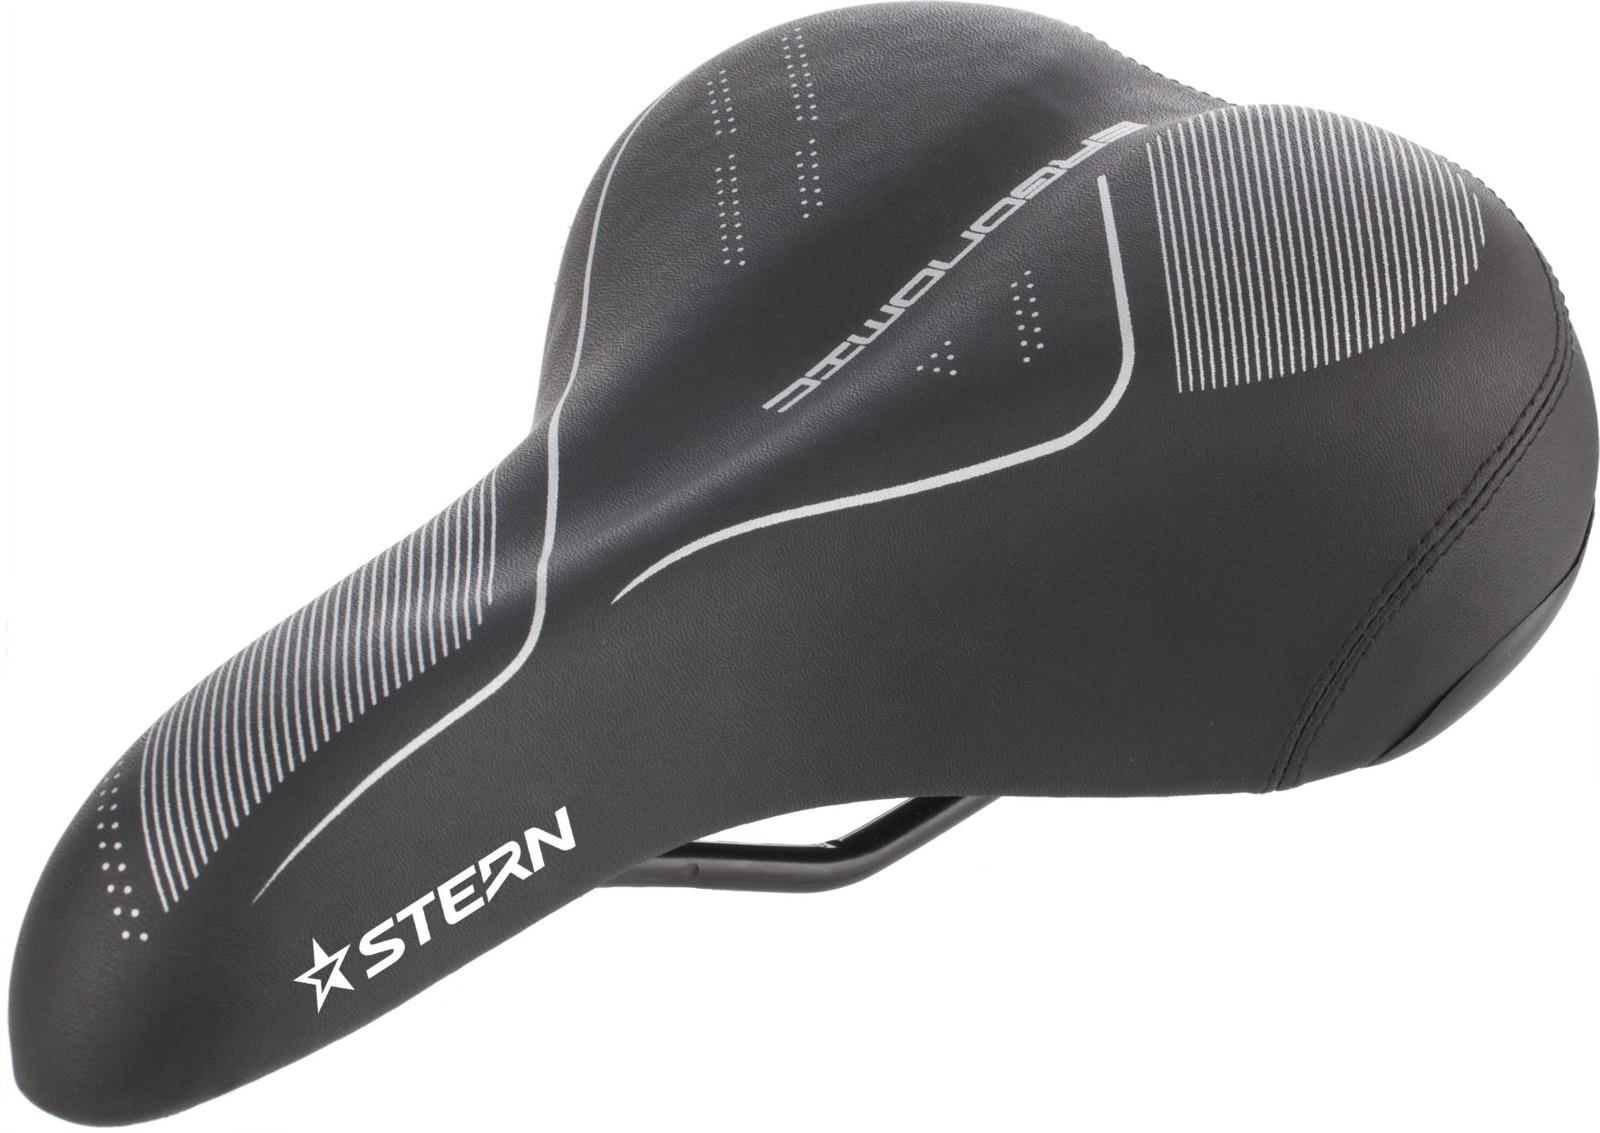 Седло для велосипеда Stern CS-2, черный, 245 х 215 мм седло для велосипеда ventura junior подростковое 228х150мм универсальное 16 24 5 250203